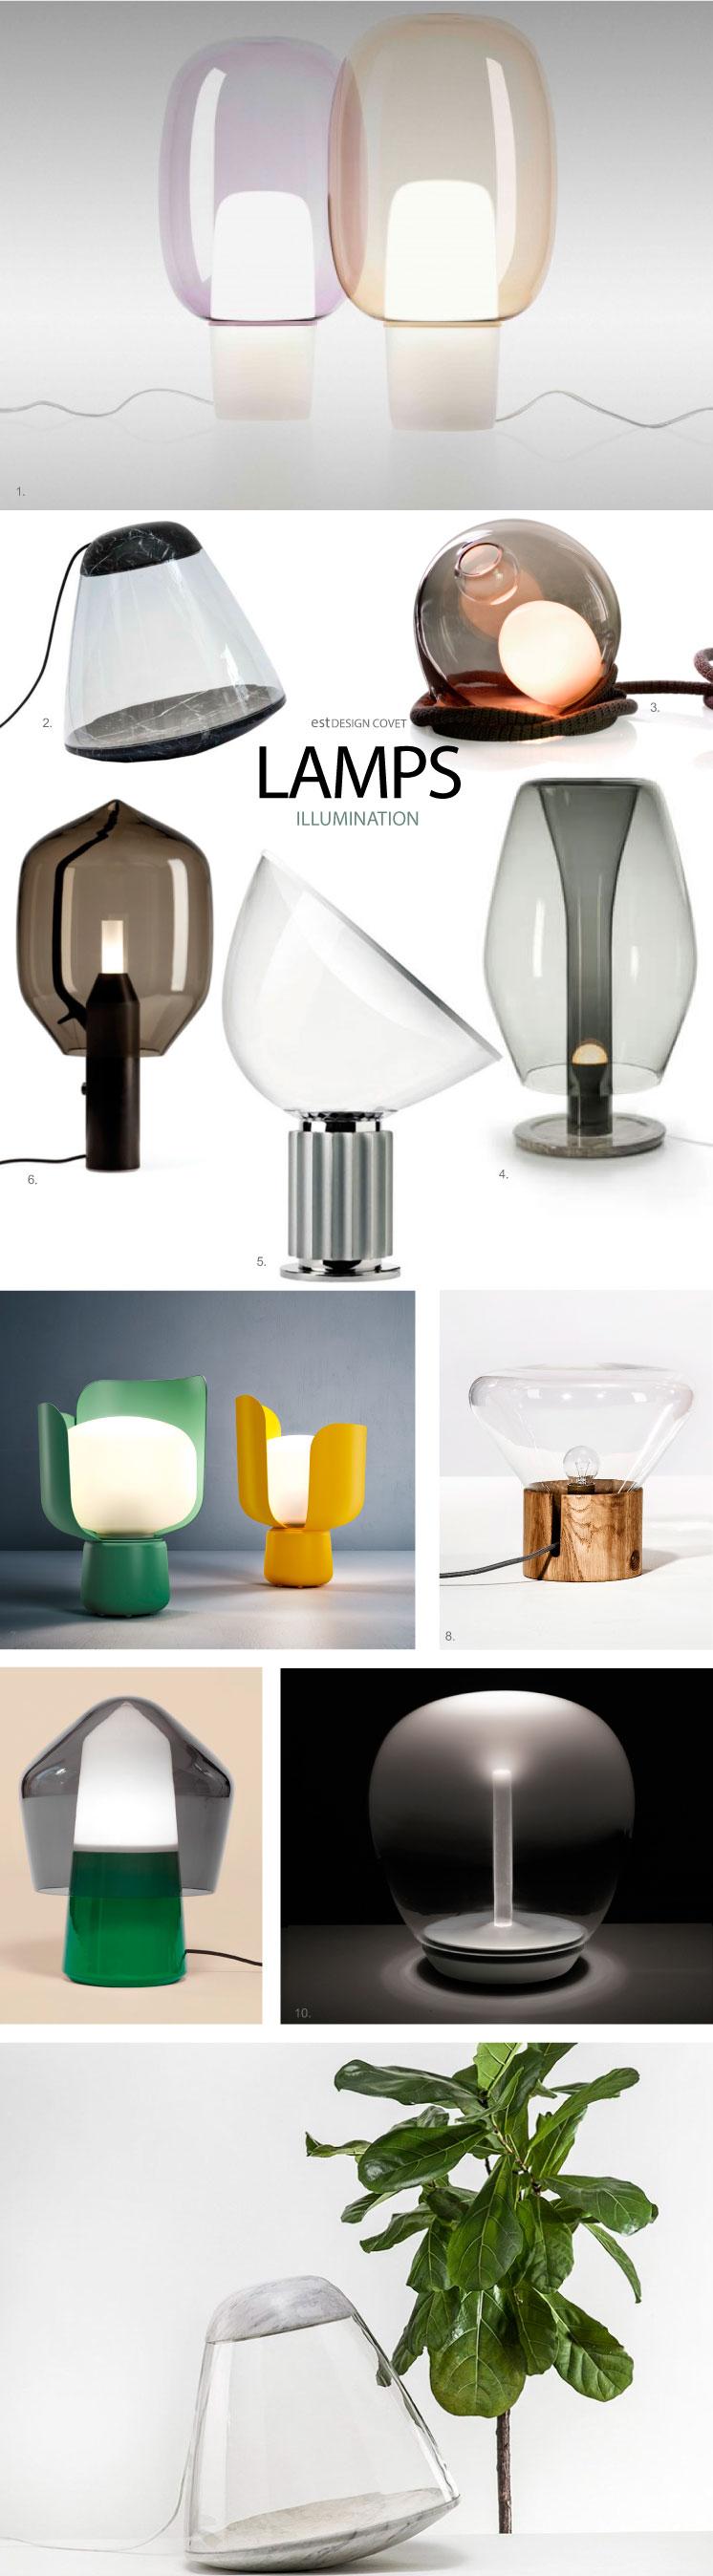 Design-Covet-_-LAMPS